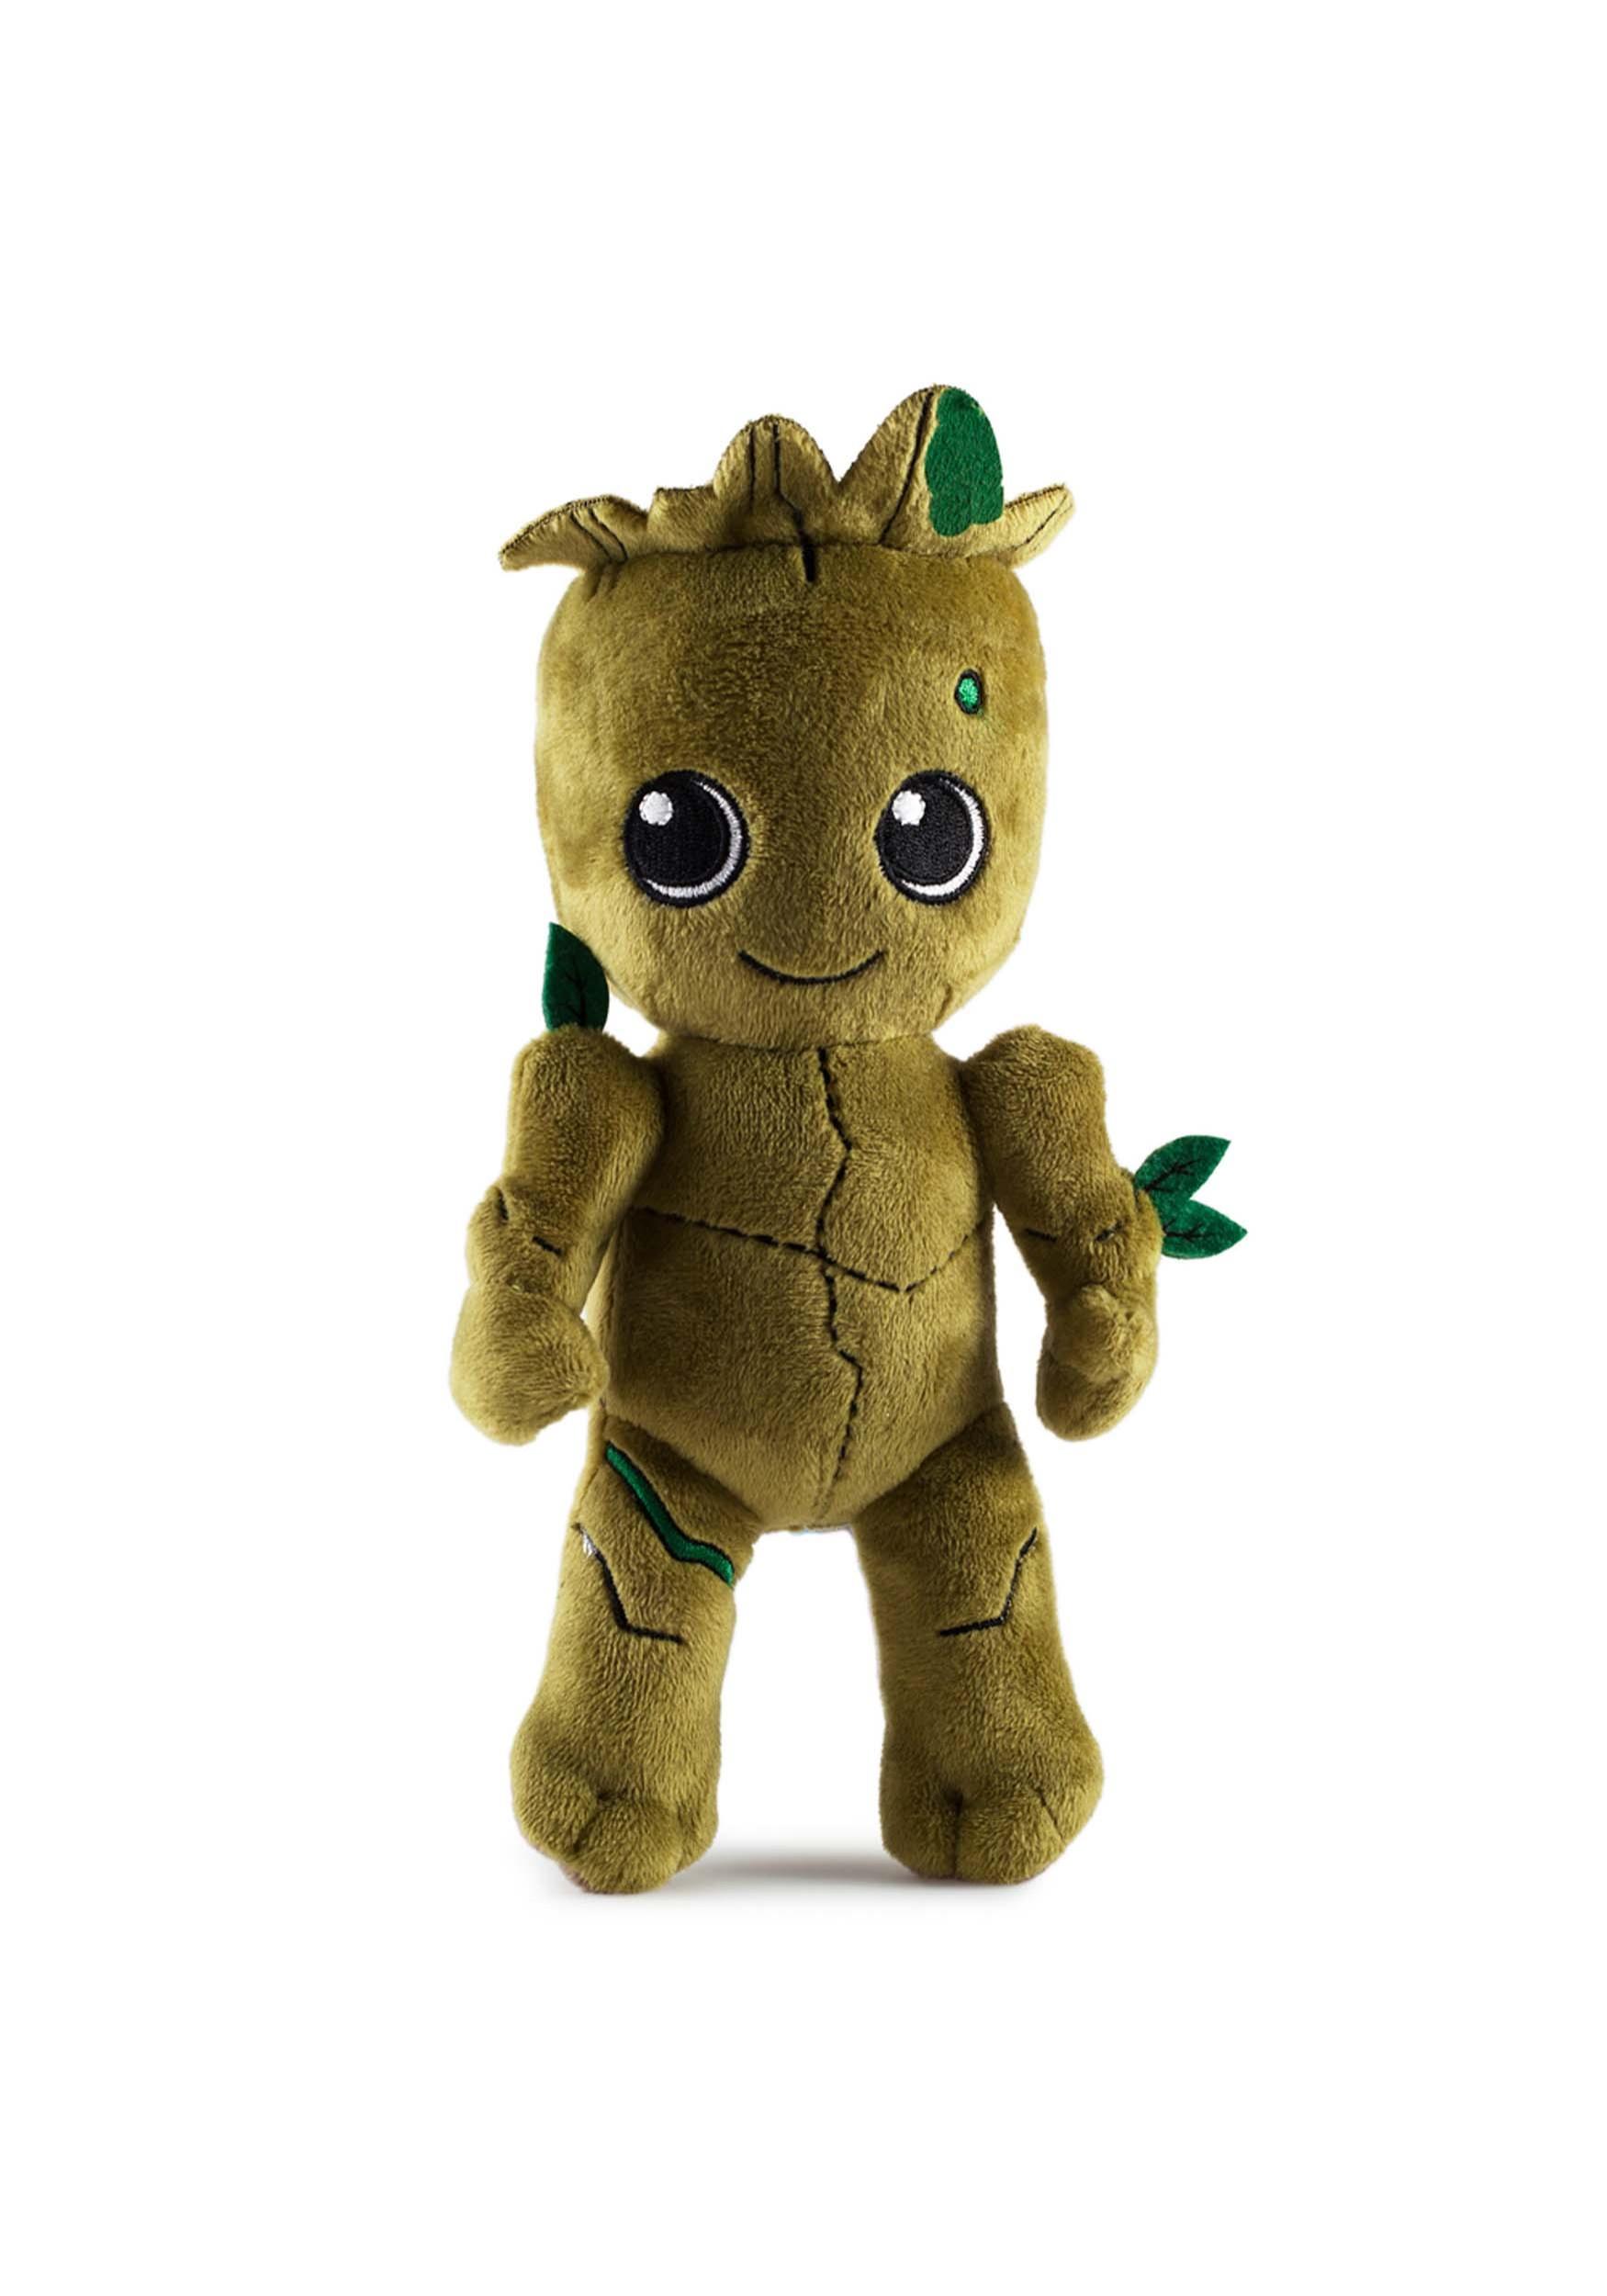 Baby Groot Plush